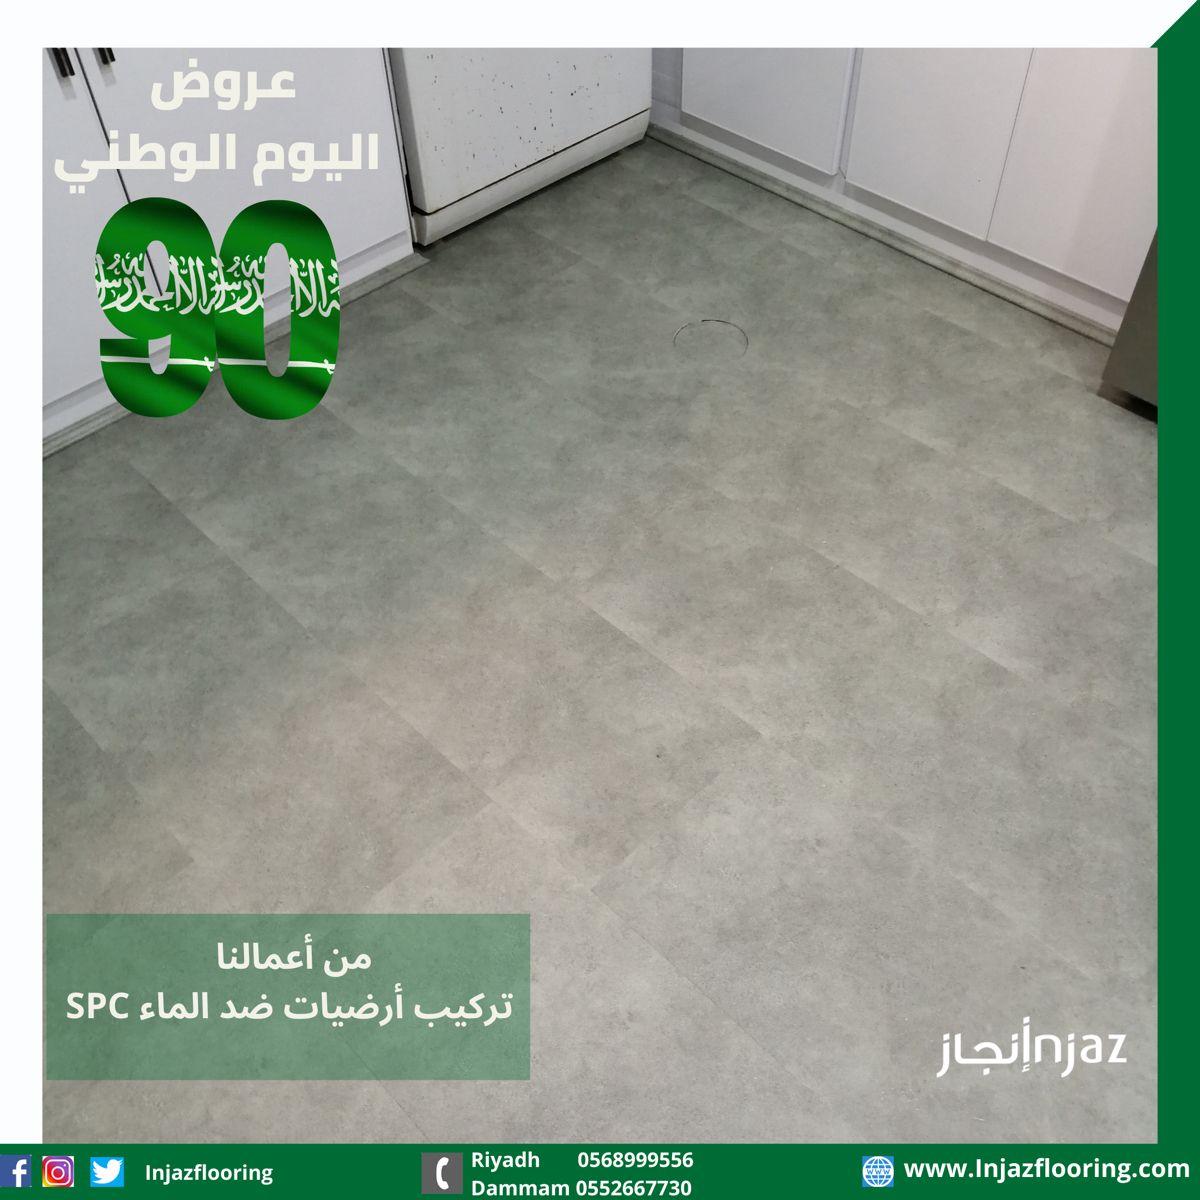 من أعمالنا تركيب أرضيات ضد الماء مناسبة للمطابخ و الحمامات Flooring Tile Floor Crafts